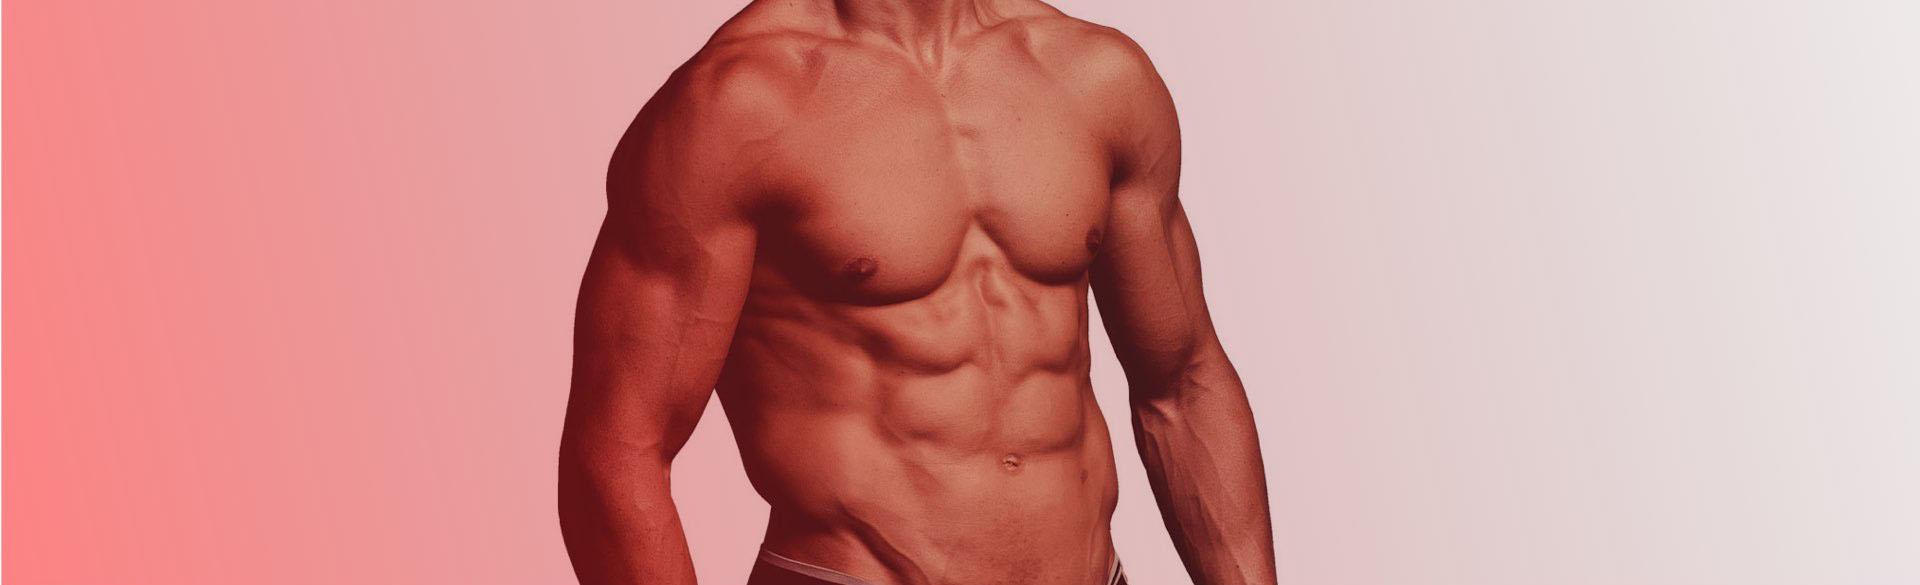 HIIT – das effektivste Training für Fettverbrennung